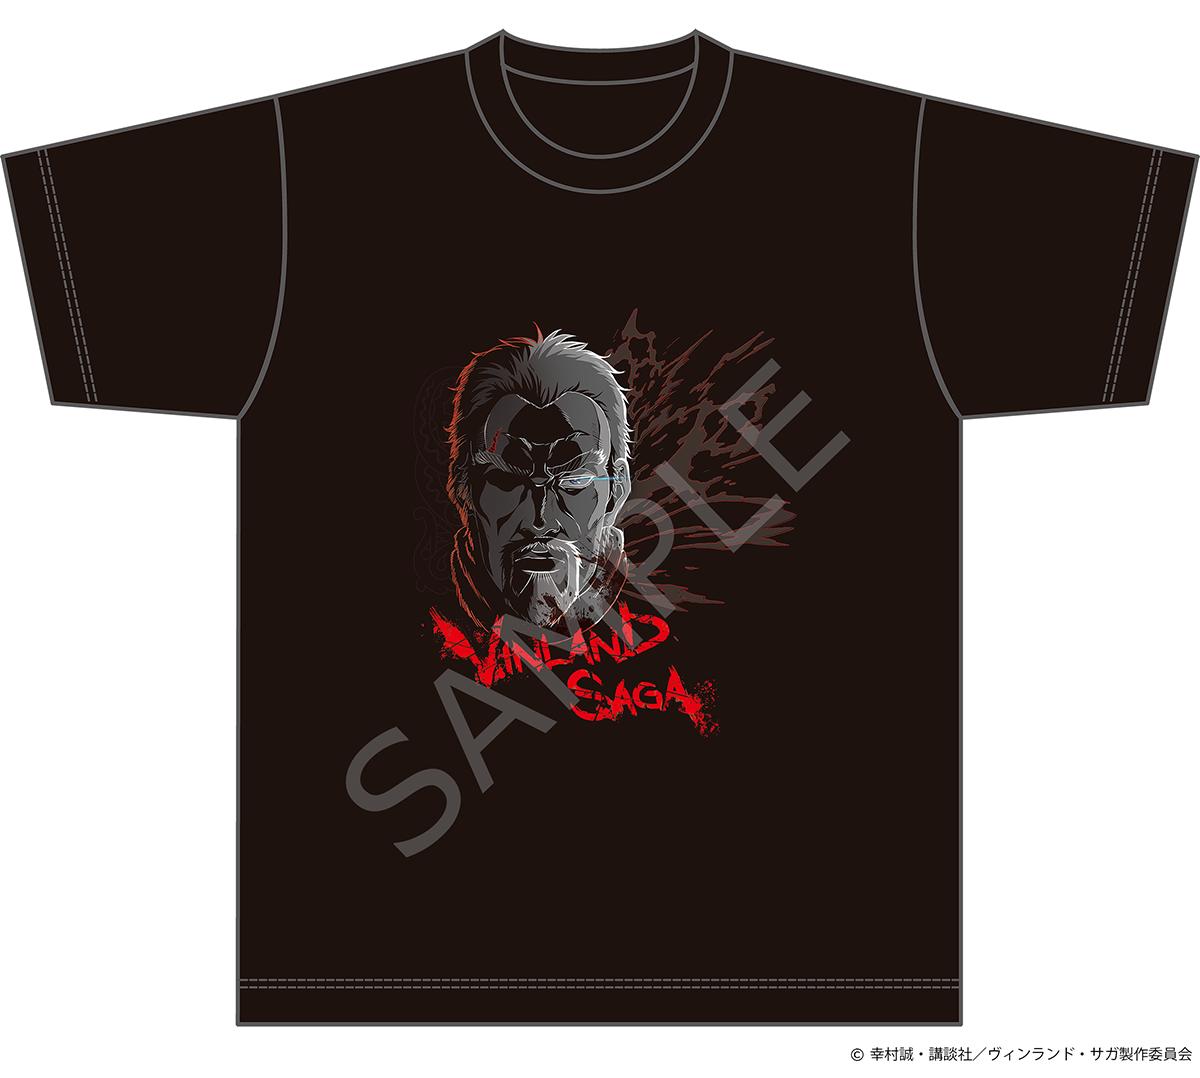 ヴィンランド・サガ Tシャツ B